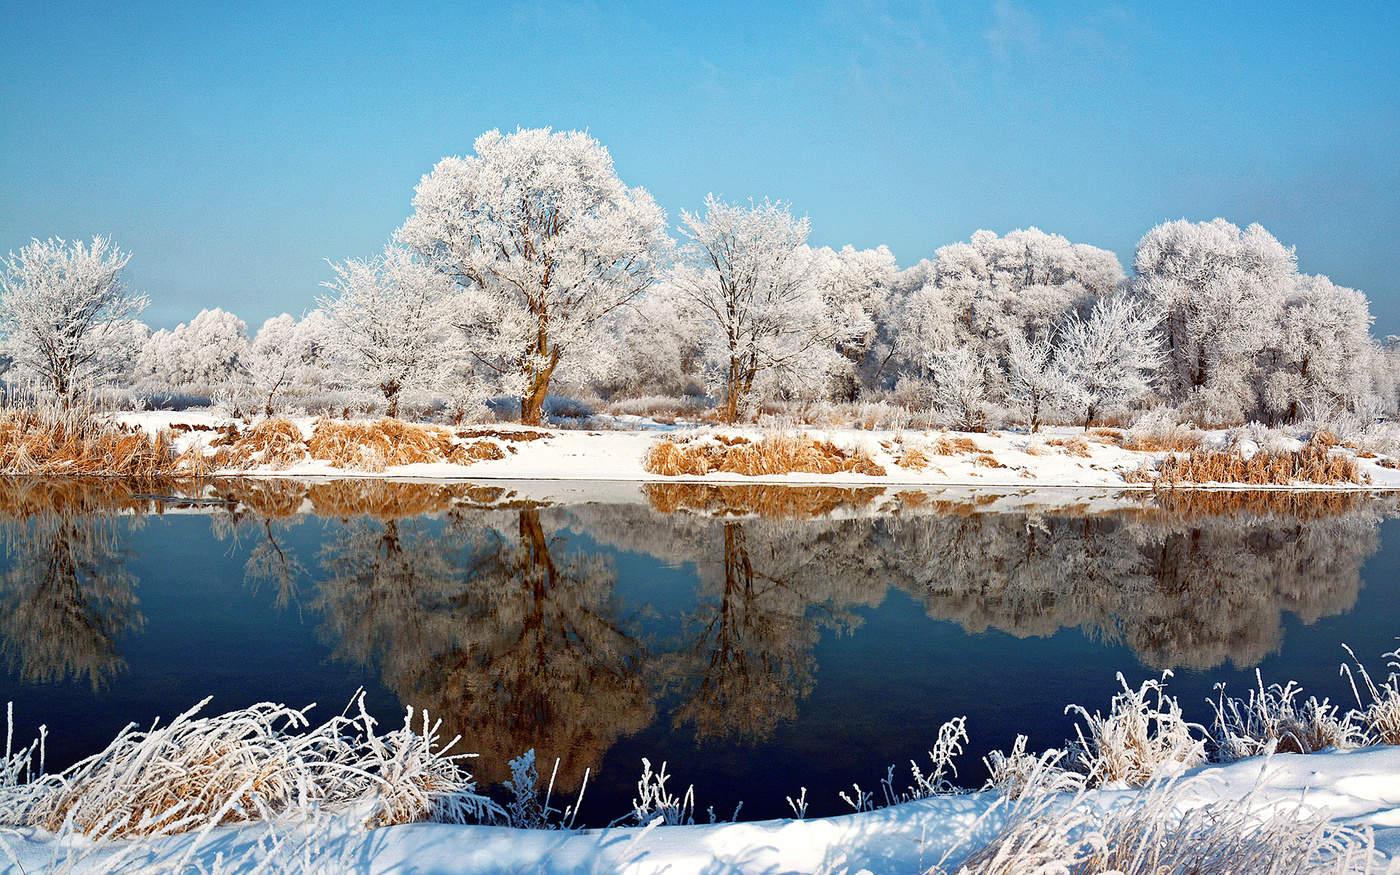 картинки ветреной погоды зимой владельцы